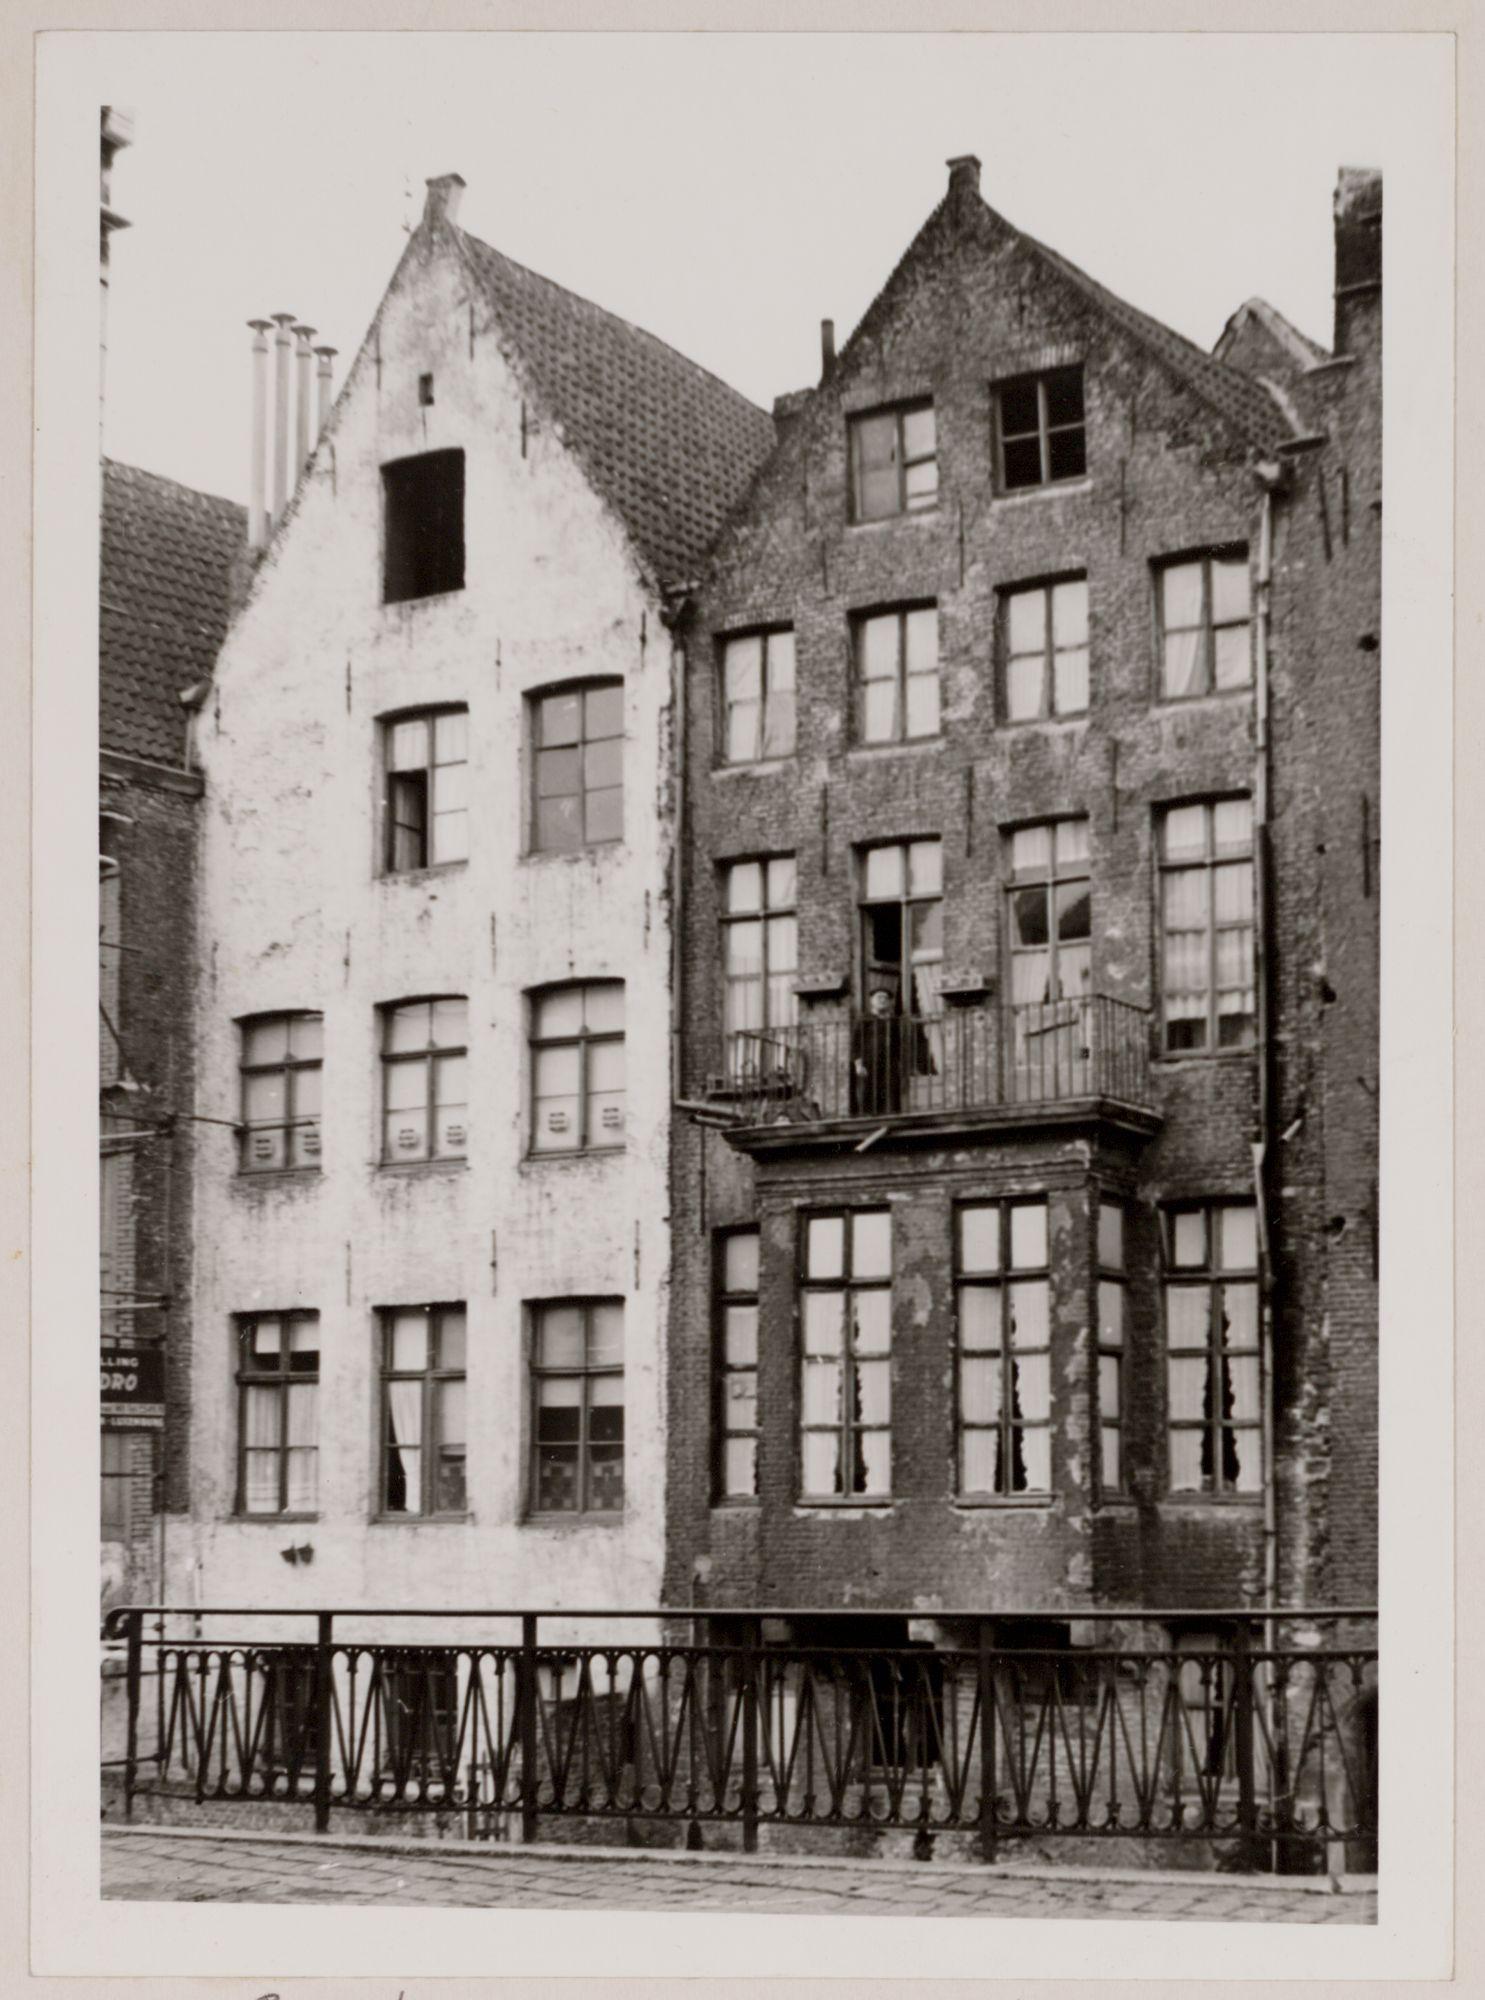 Gent: Huizen aan de Lieve